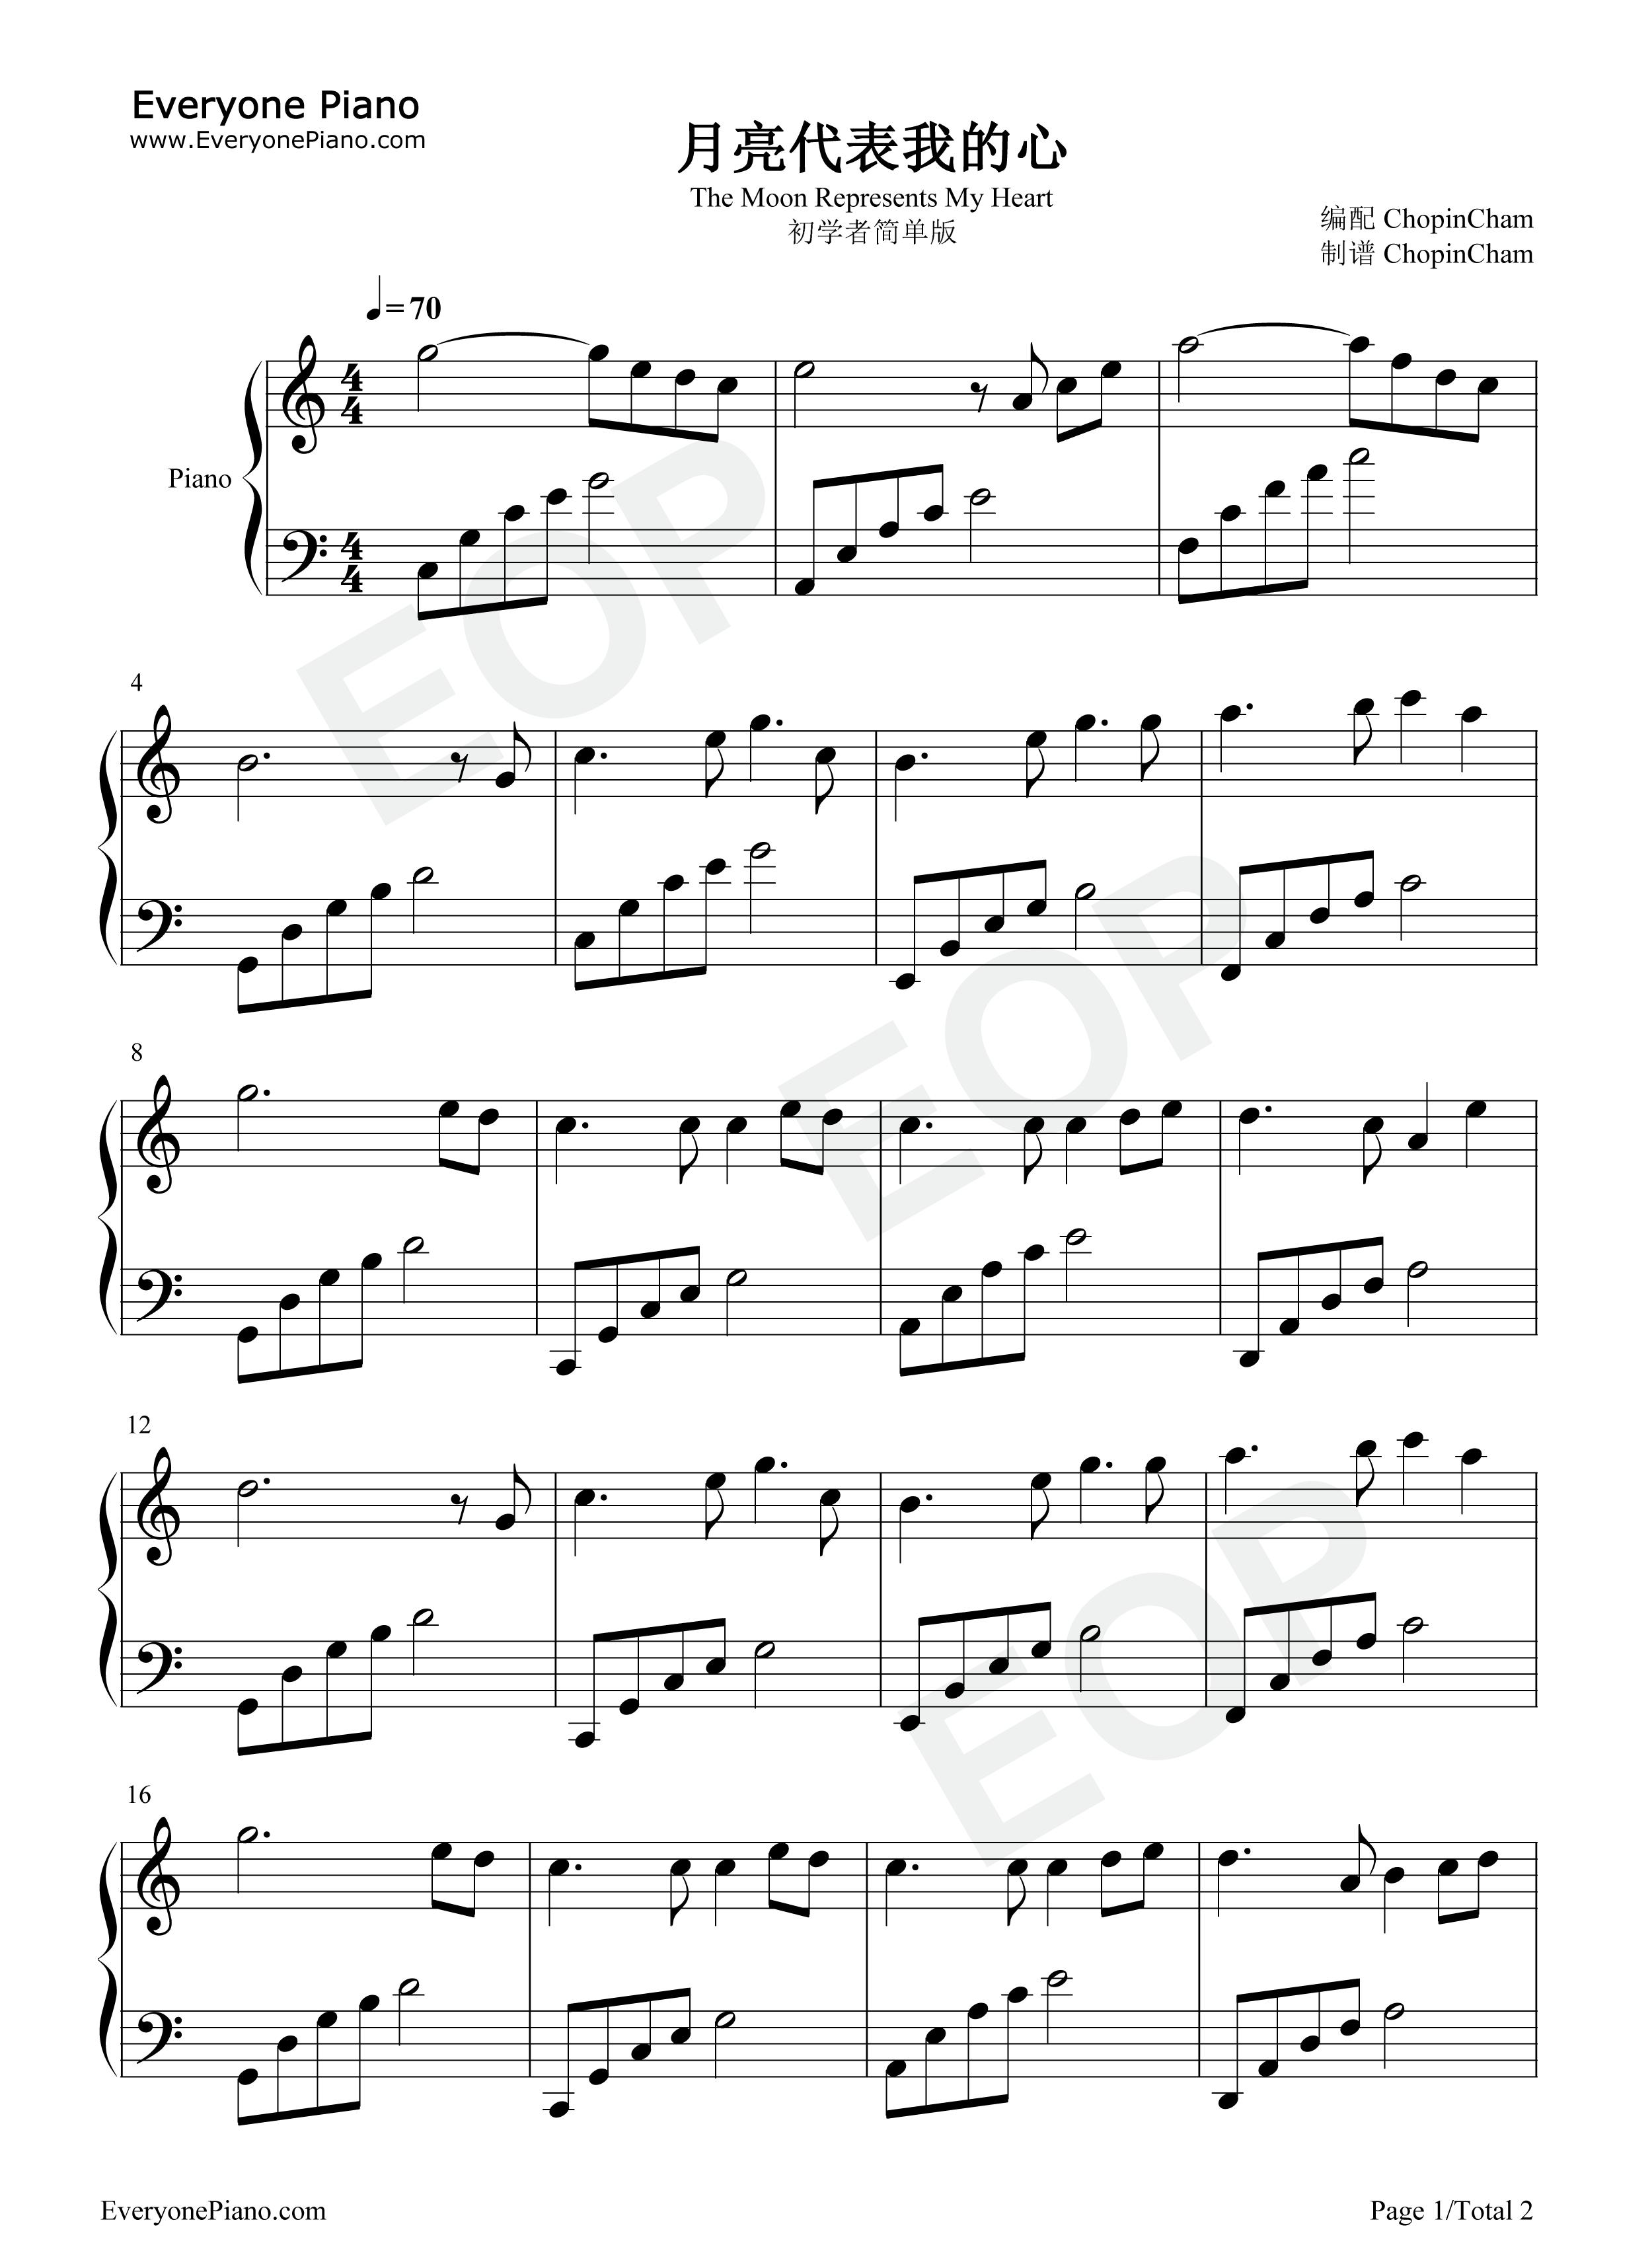 月亮代表我的心五线谱预览1 钢琴谱文件 五线谱 双手简谱 数字谱 Midi